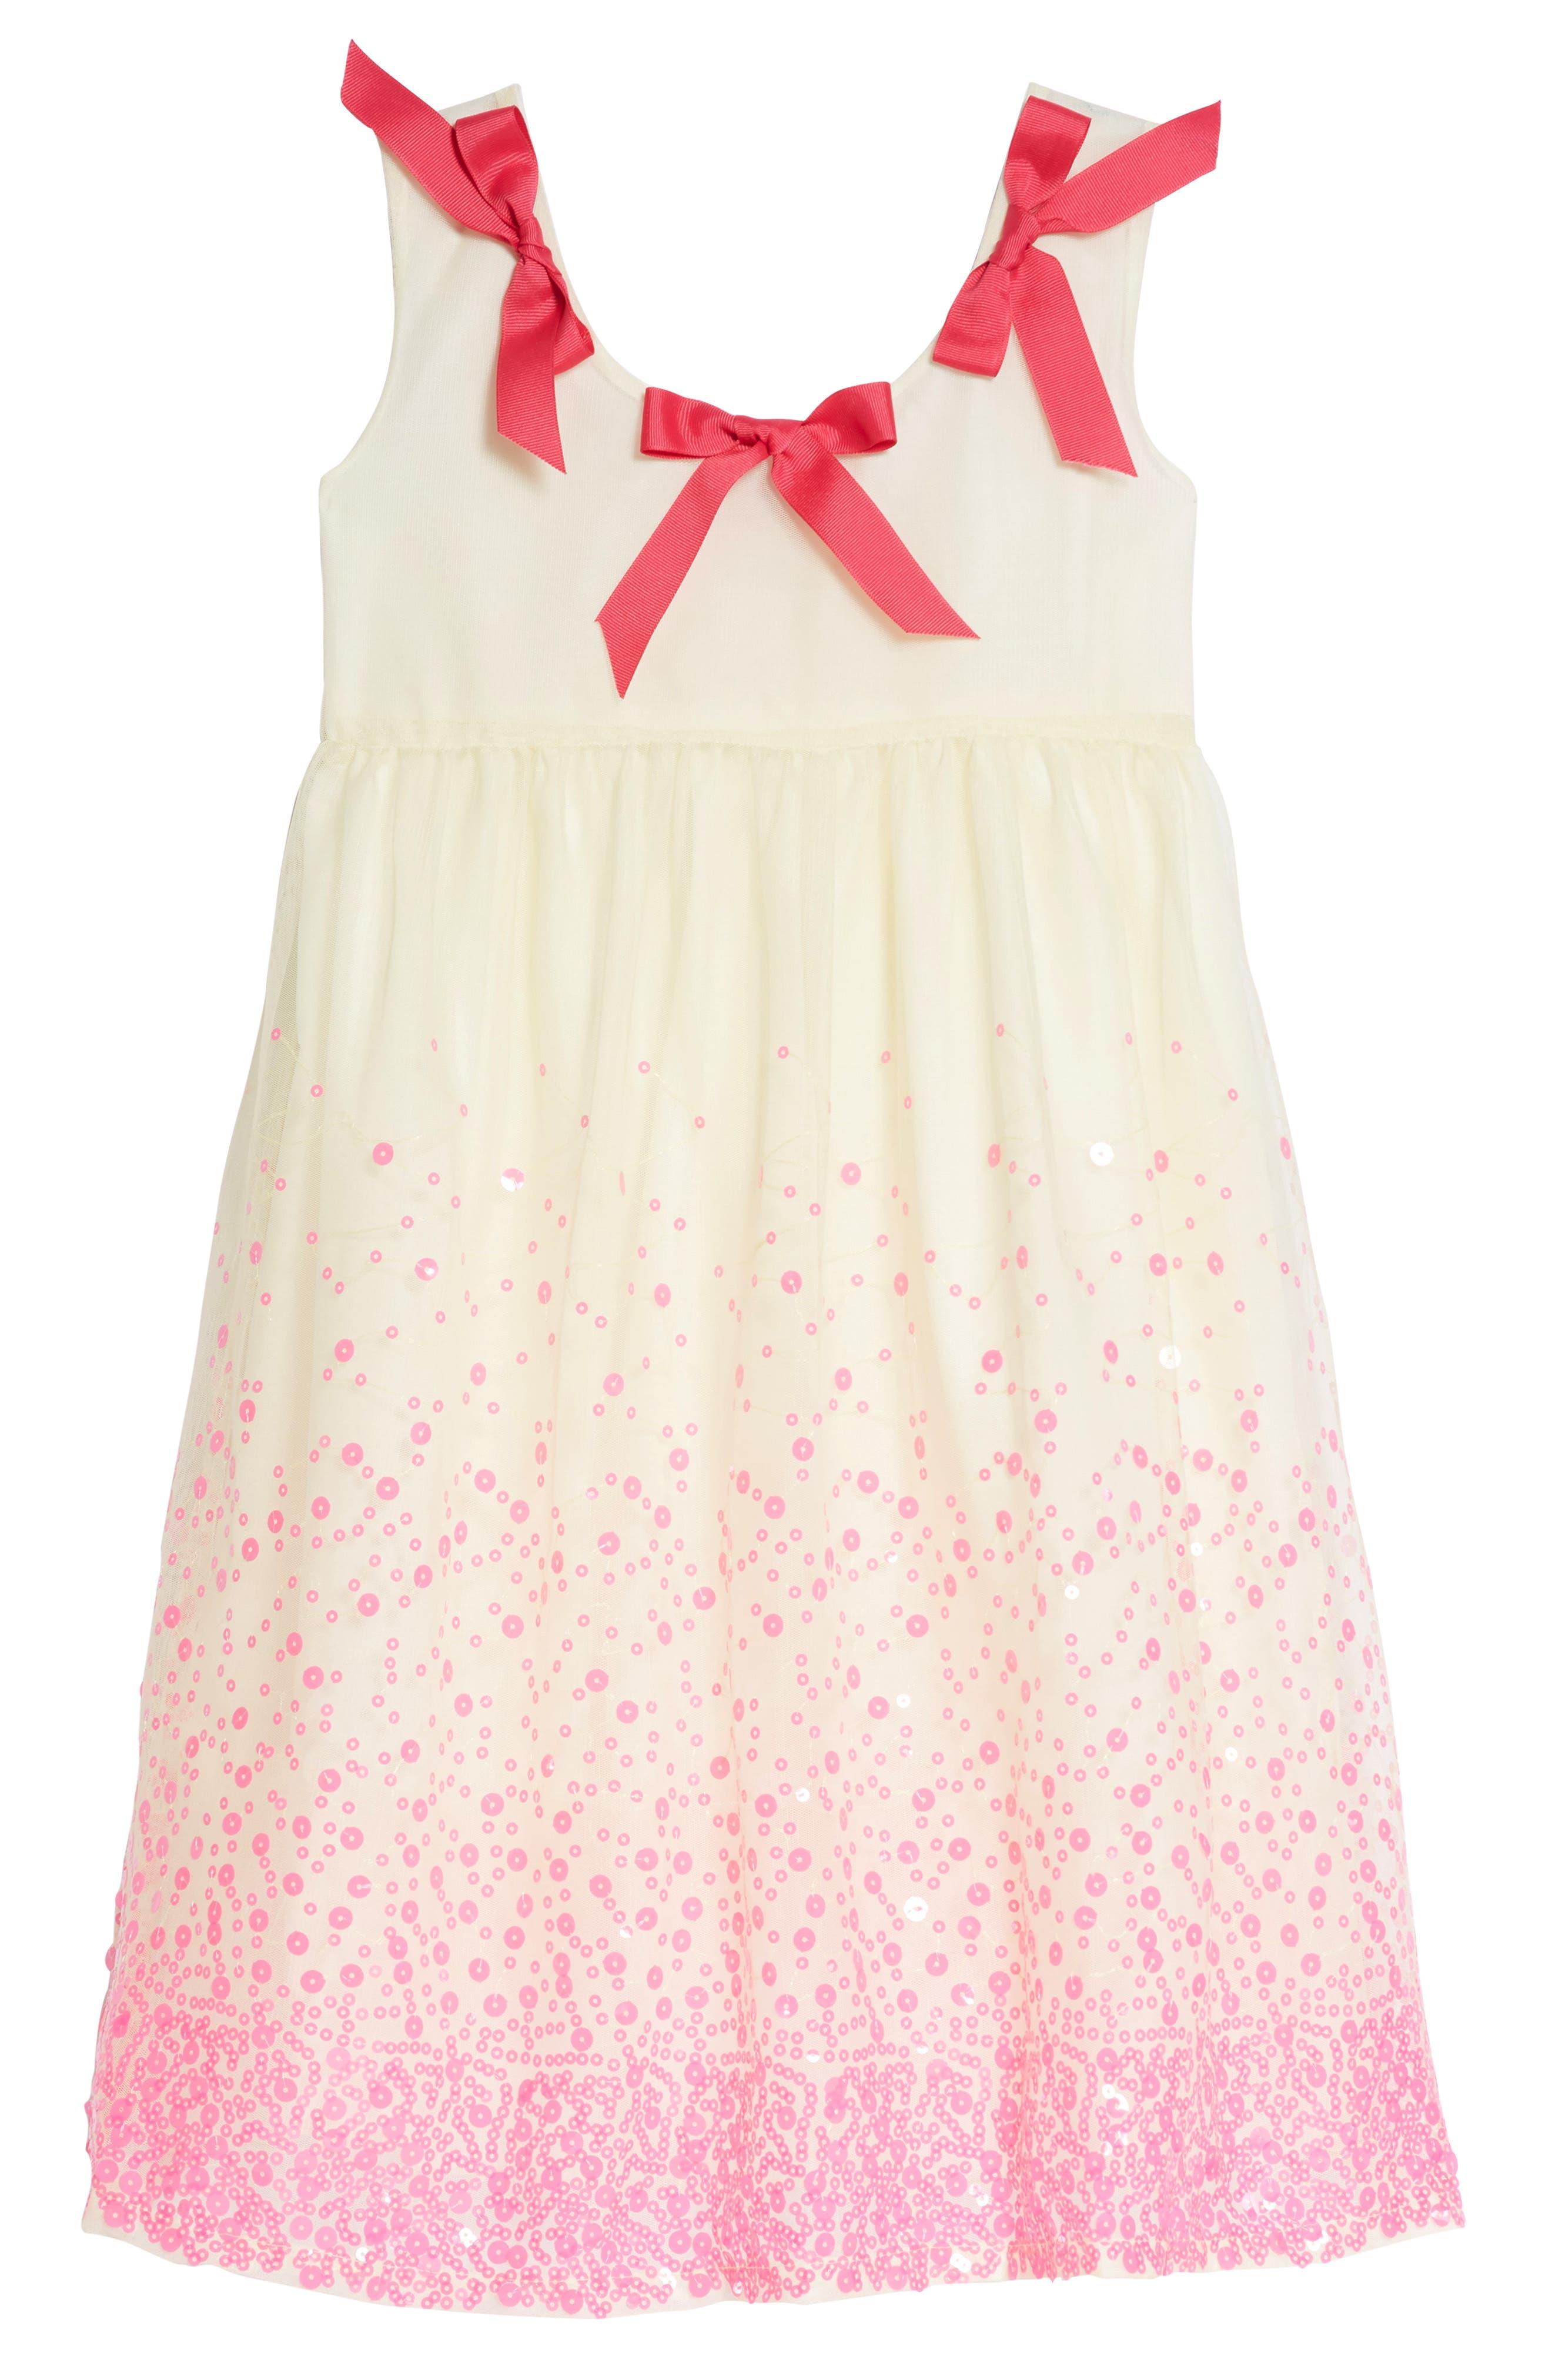 Fiveloaves Twofish Julie Print Dress (Little Girls & Big Girls)